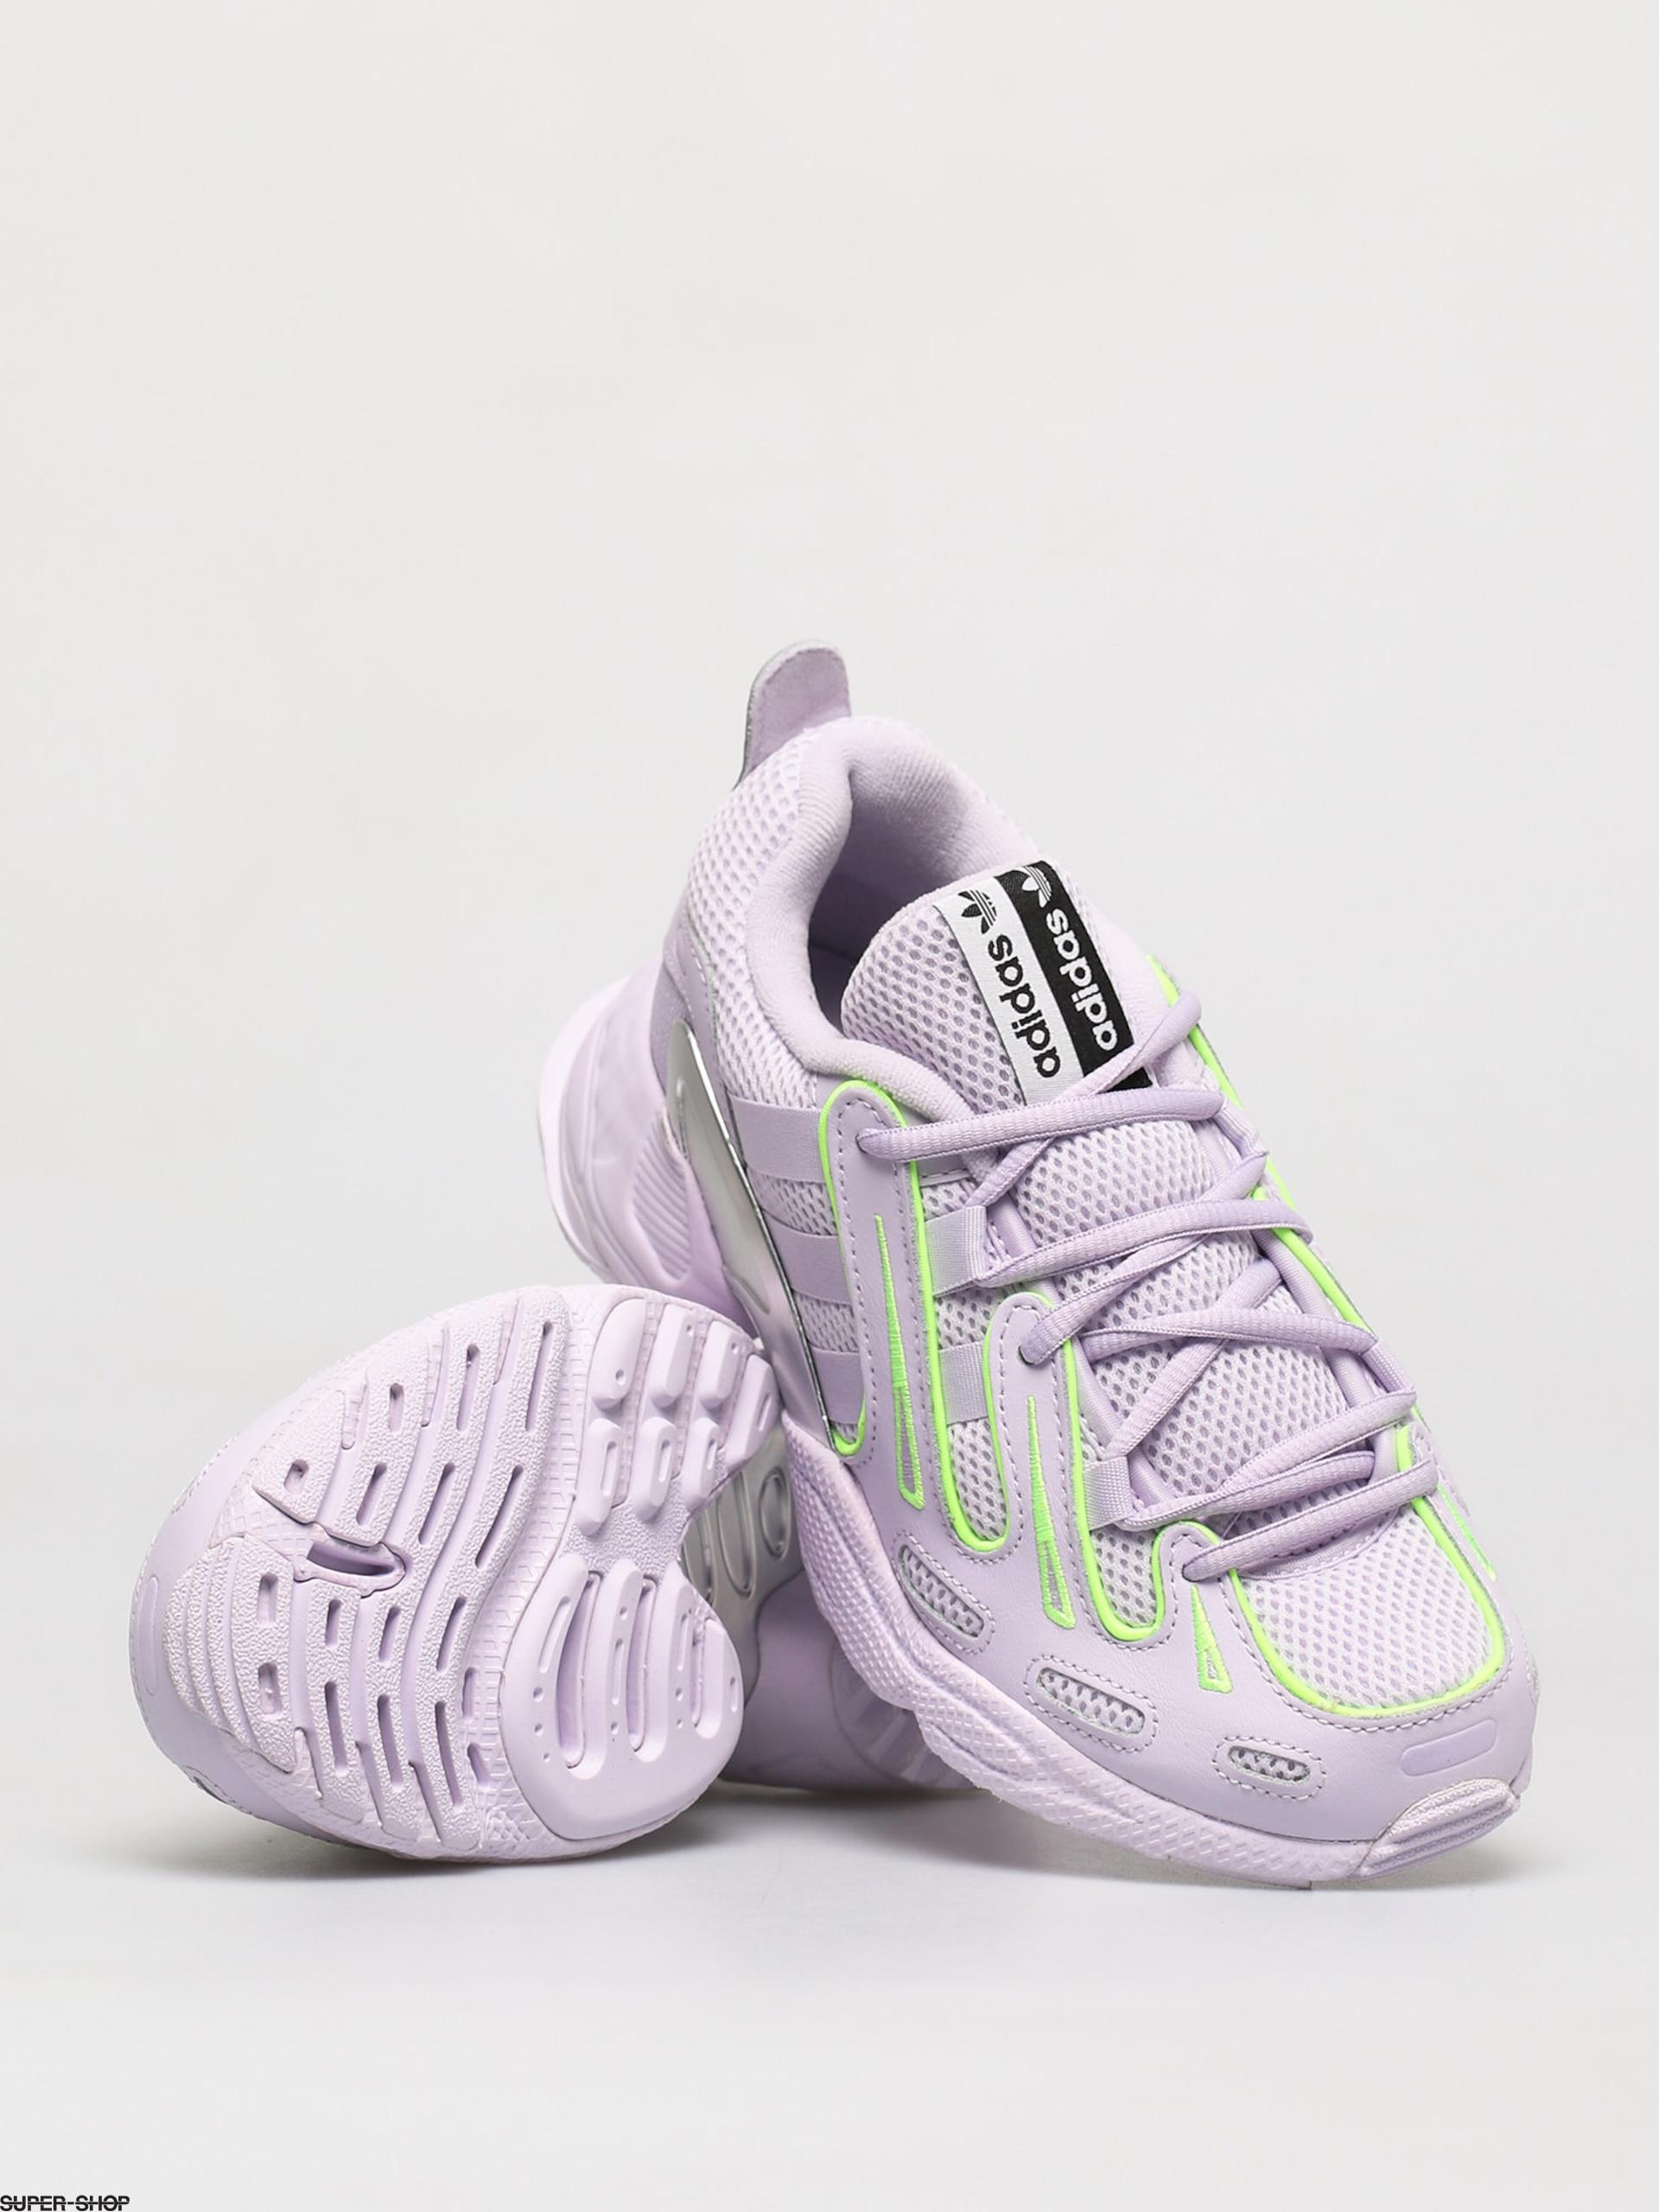 Adidas Original Shoes : Adidas Shoes